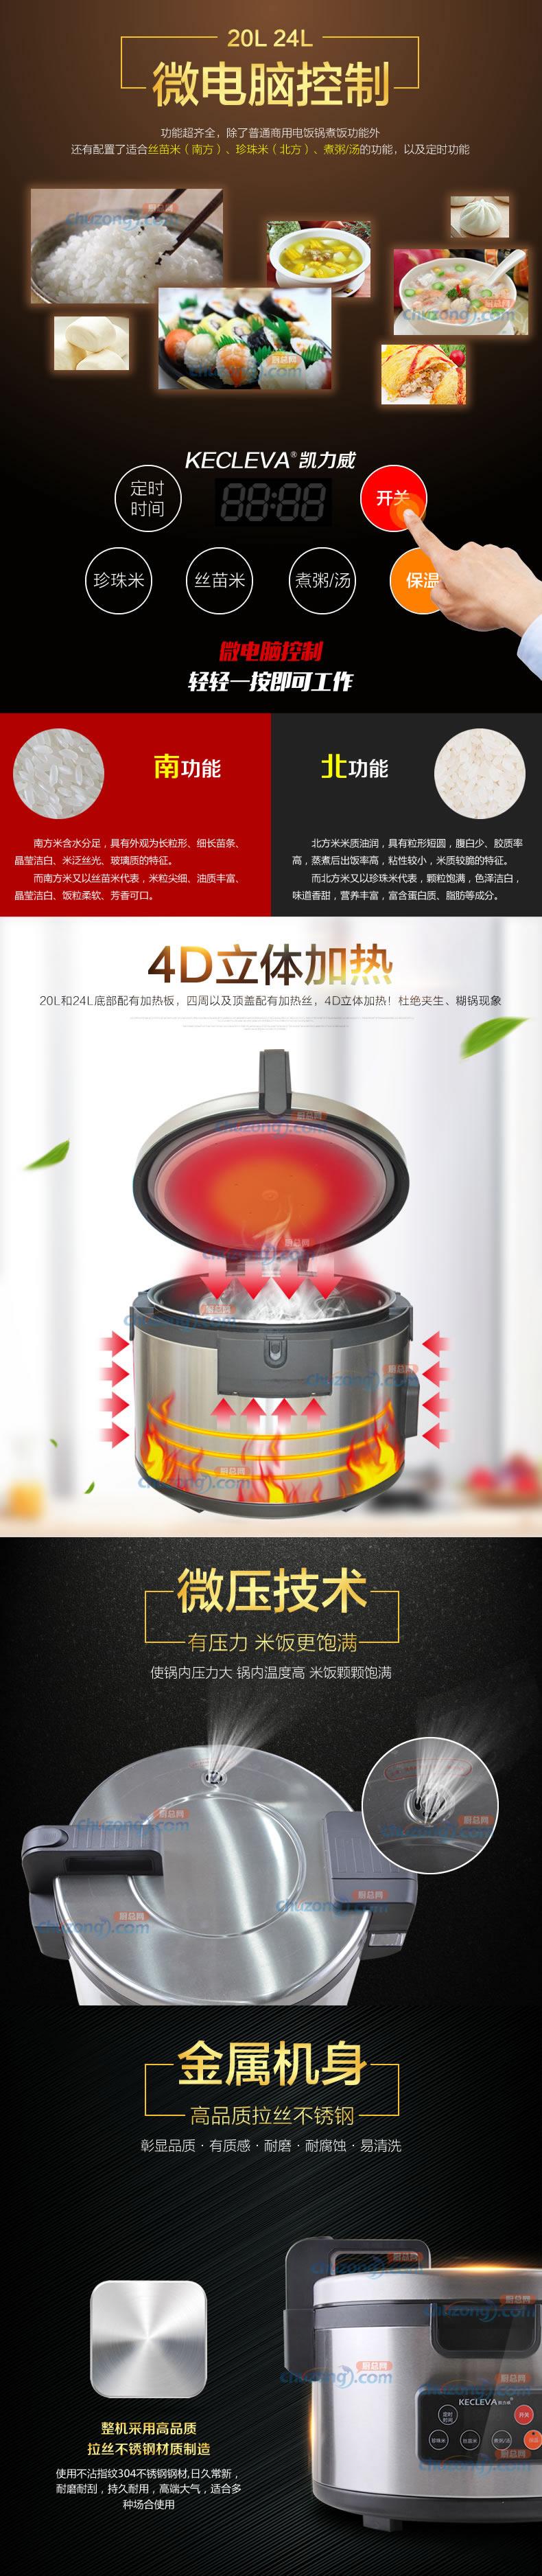 大容量商用电饭锅